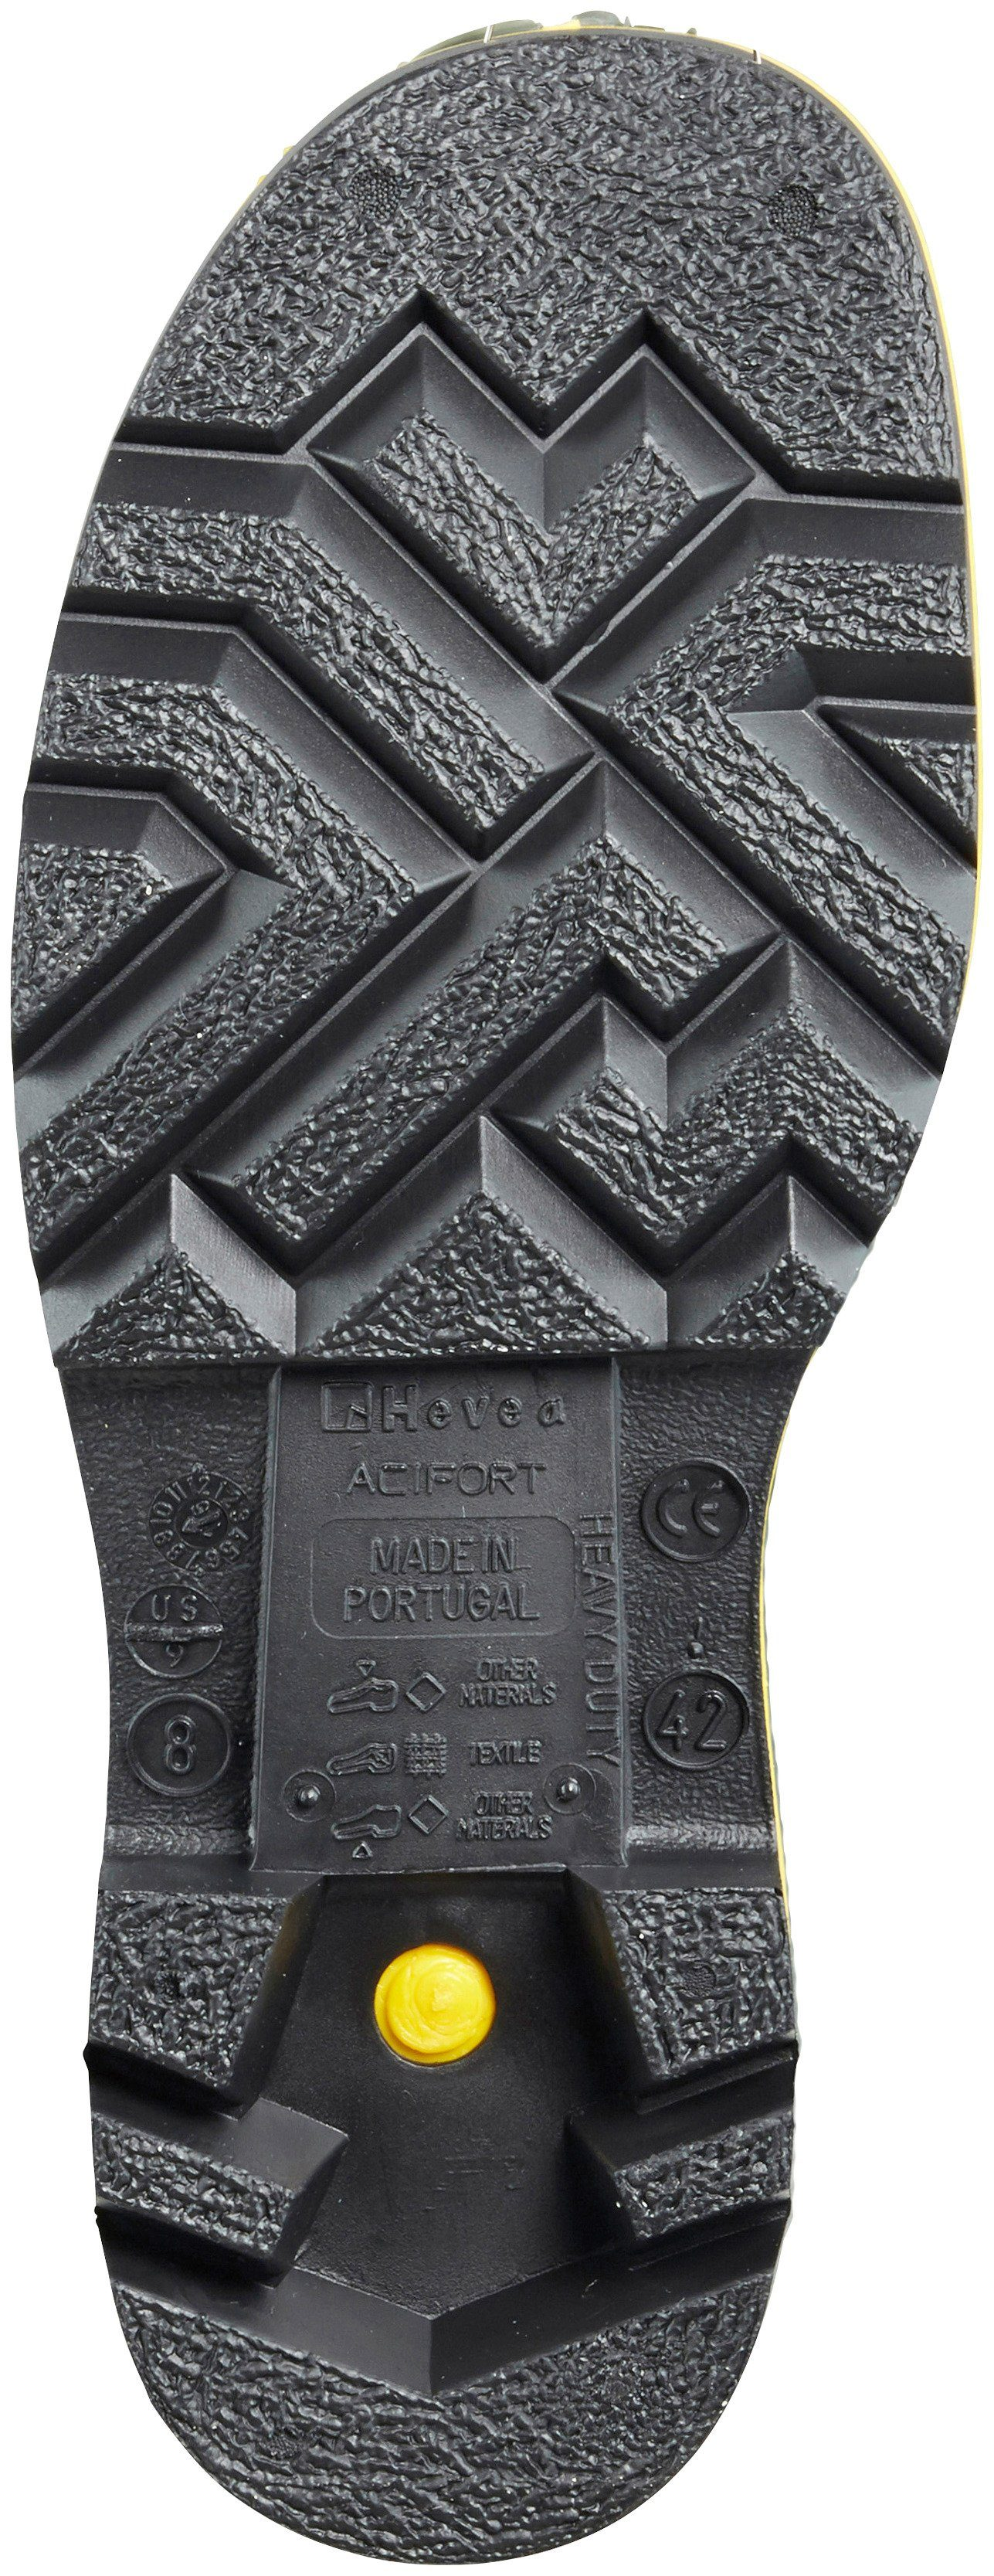 S5 nr Dunlop Kaufen Acifort Online Stiefel Gelb 803675a Artikel UgnaqZSW7w